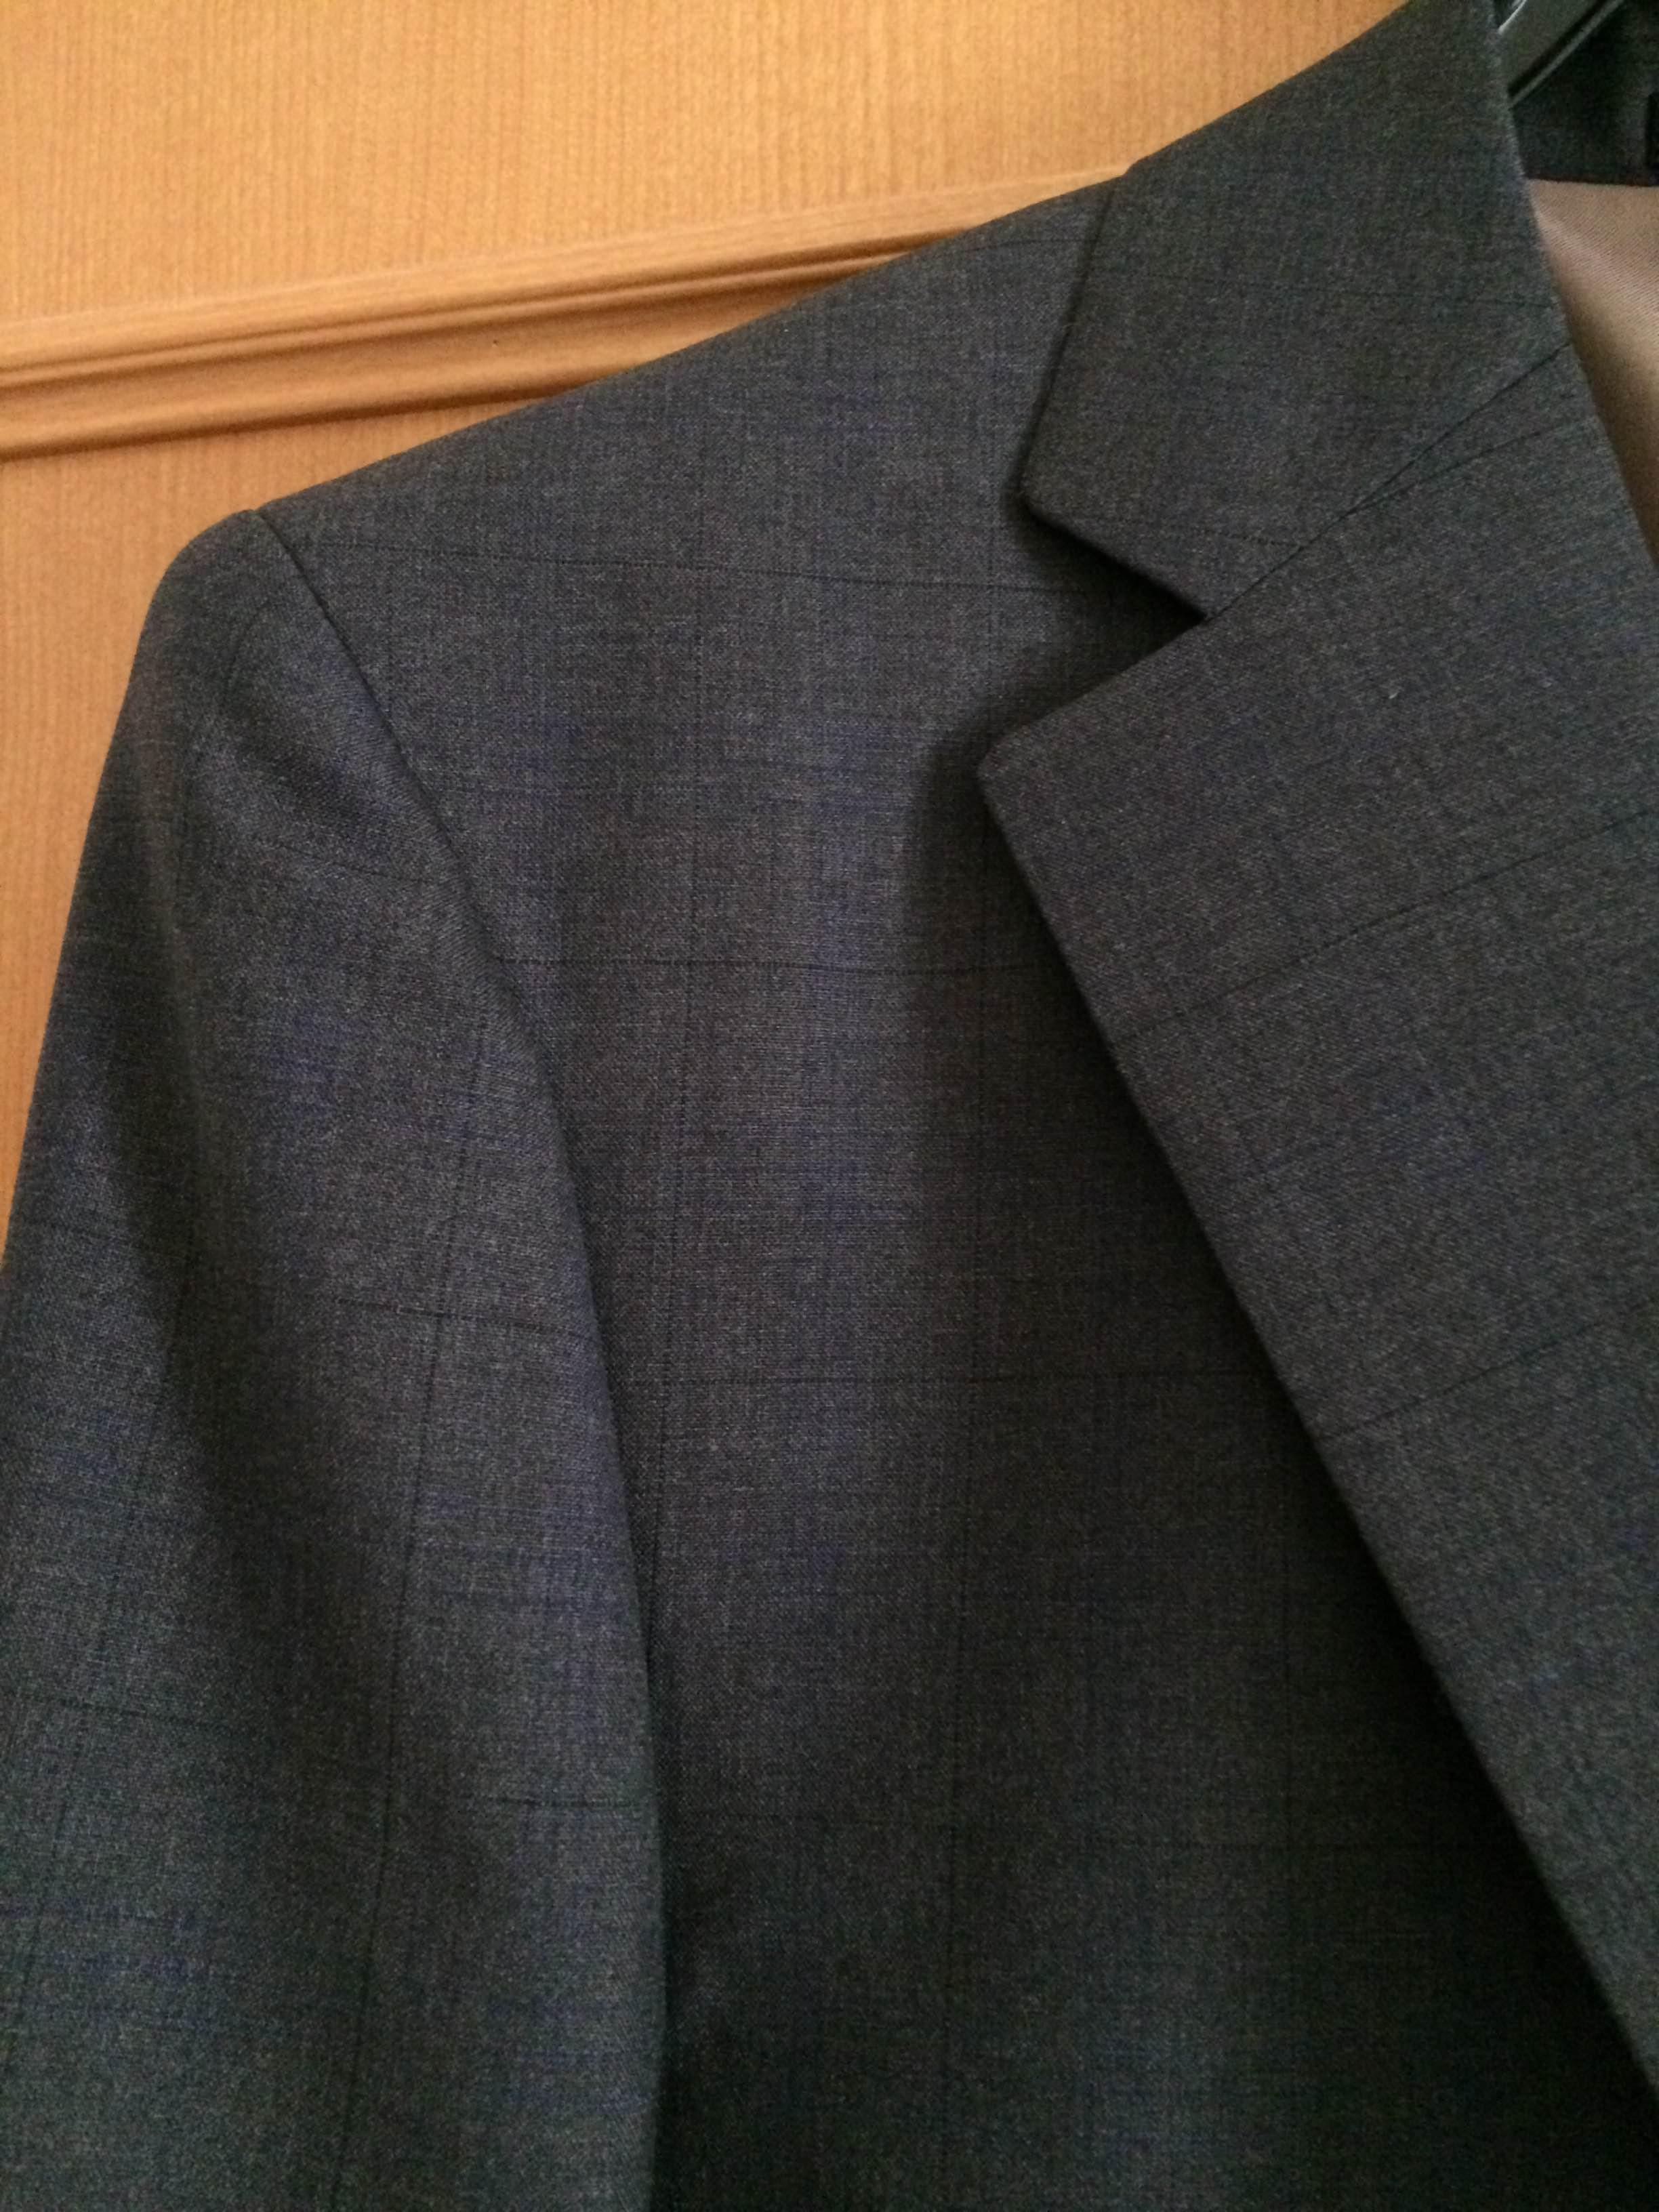 ハナビシのスーツ2